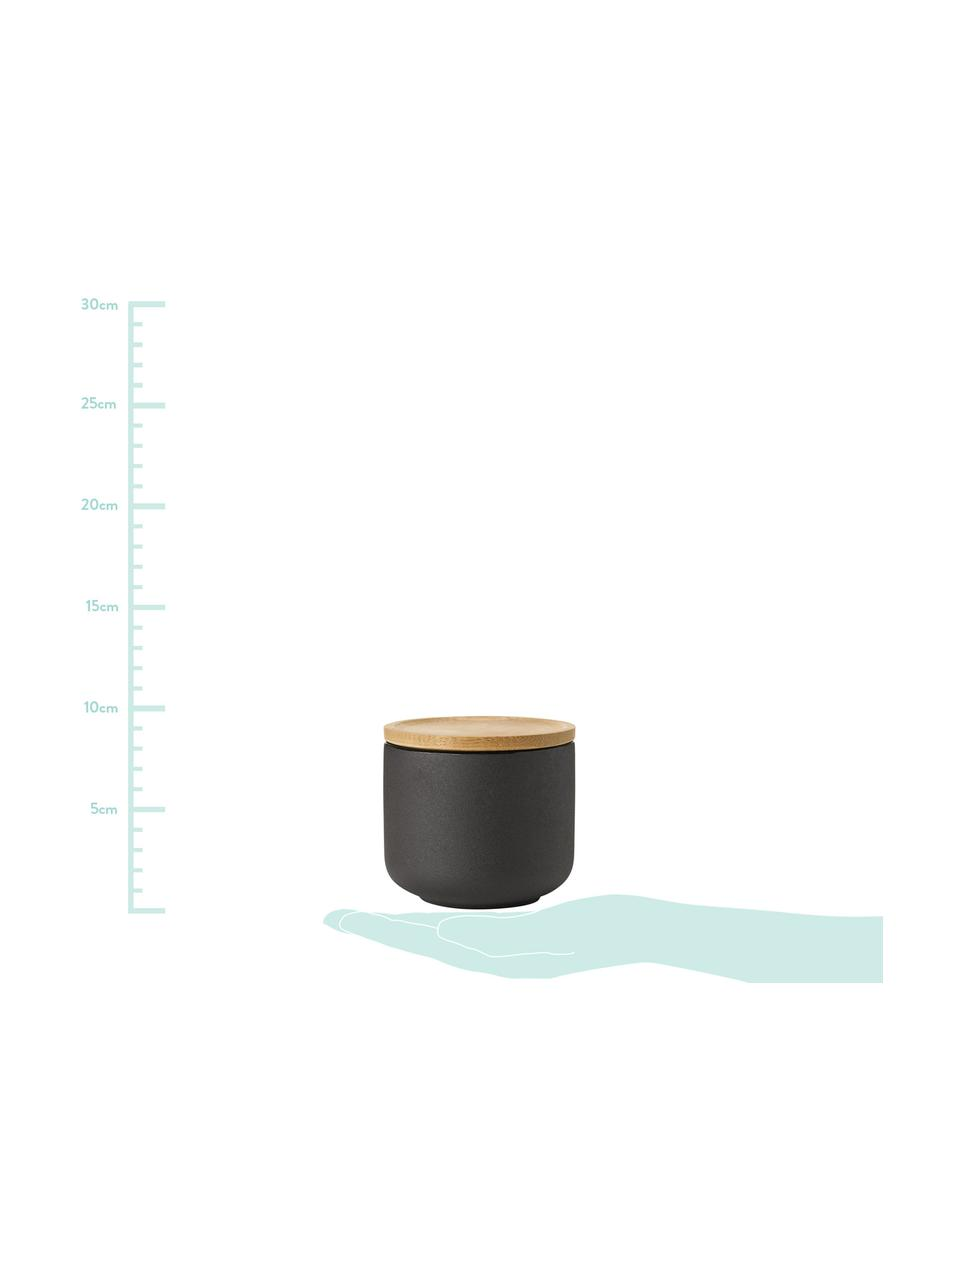 Becher Theo in Schwarz mit Deckel/Untersetzer, Becher: Feinsteinzeug, Deckel: Bambus, Schwarz, Ø 9 x H 9 cm